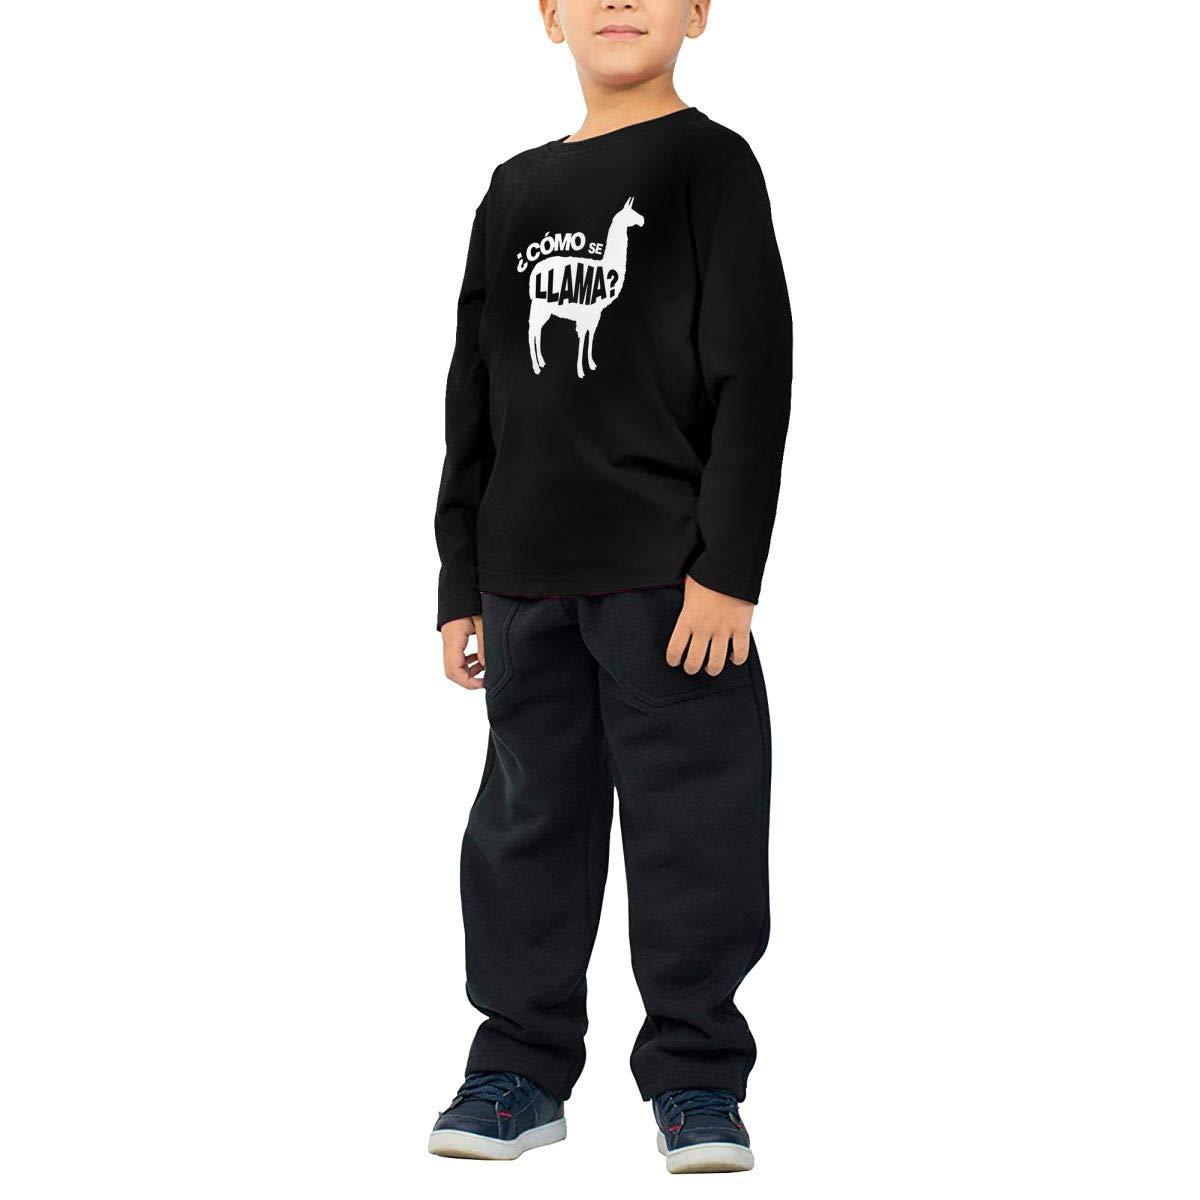 Como Se Llama Pun Funny Humor Joke Boys Cotton Long Sleeve Tshirt